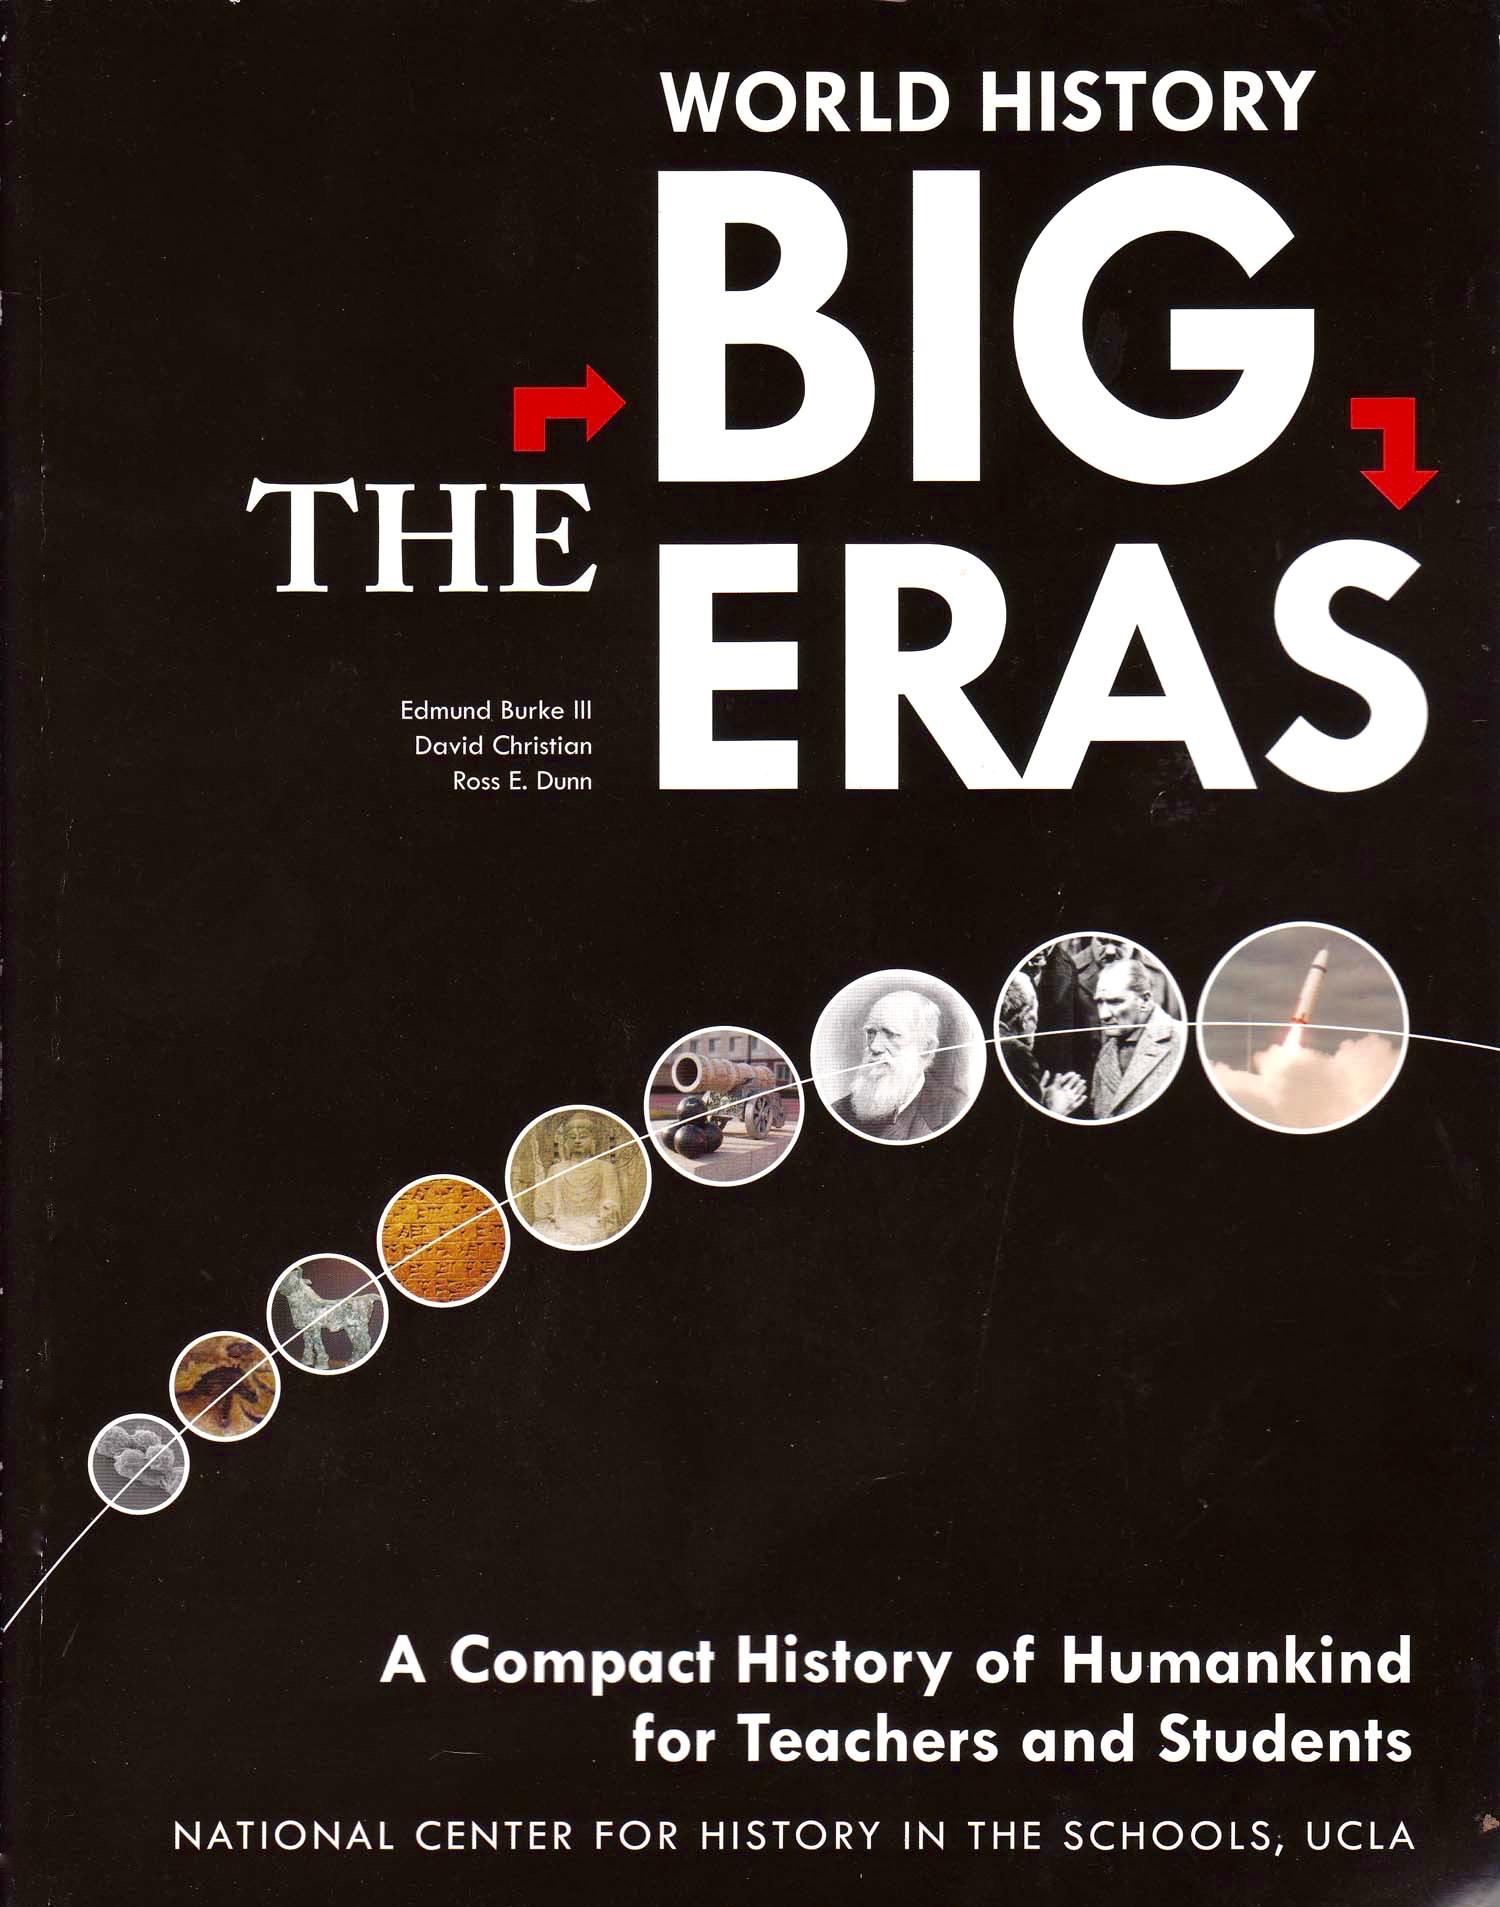 The Big Eras